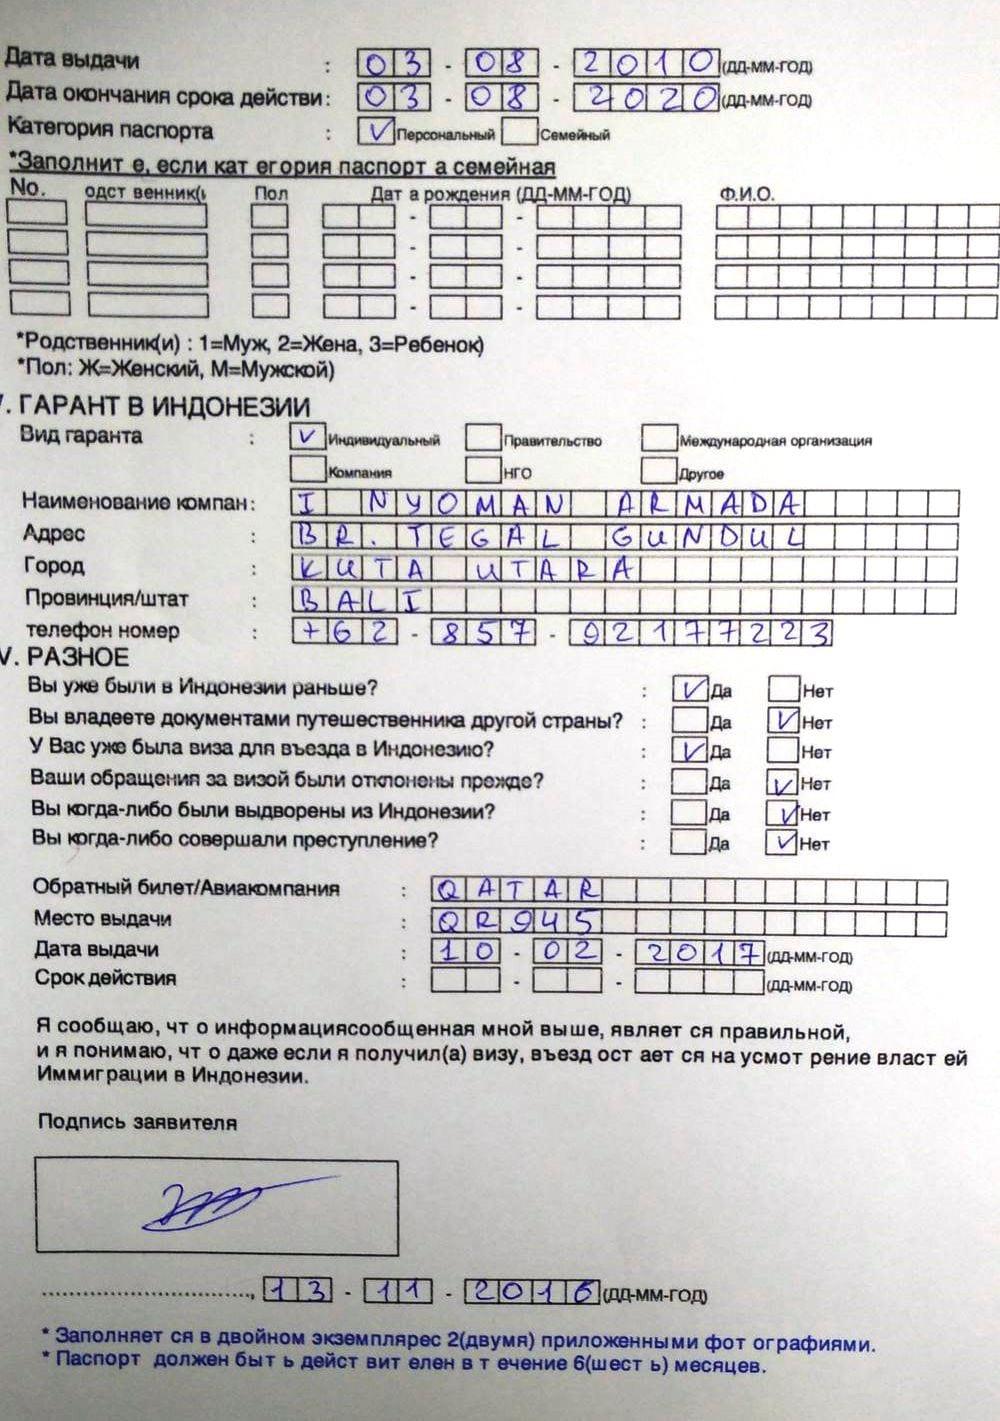 Образец заполненной анкеты на Бали